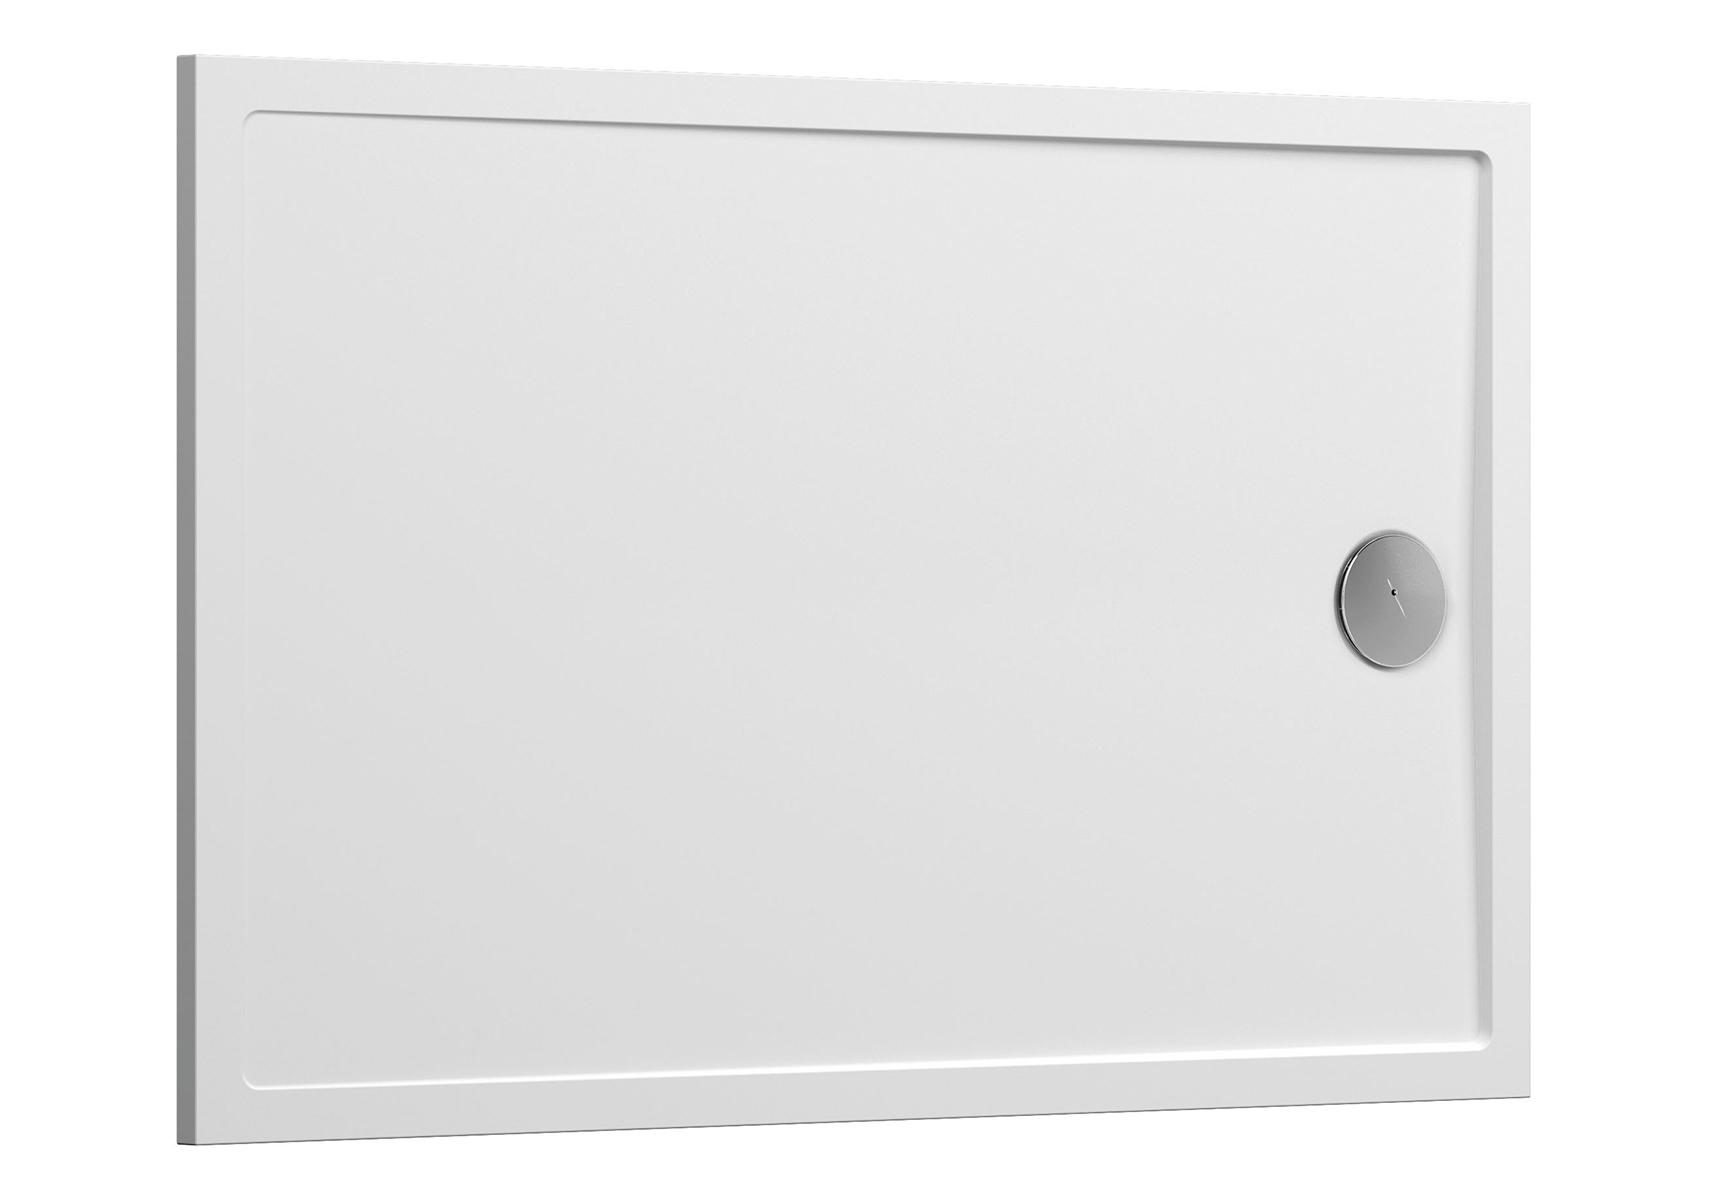 Aruna receveur ultra plat, 100  x  80 cm, en pierre m³ solide